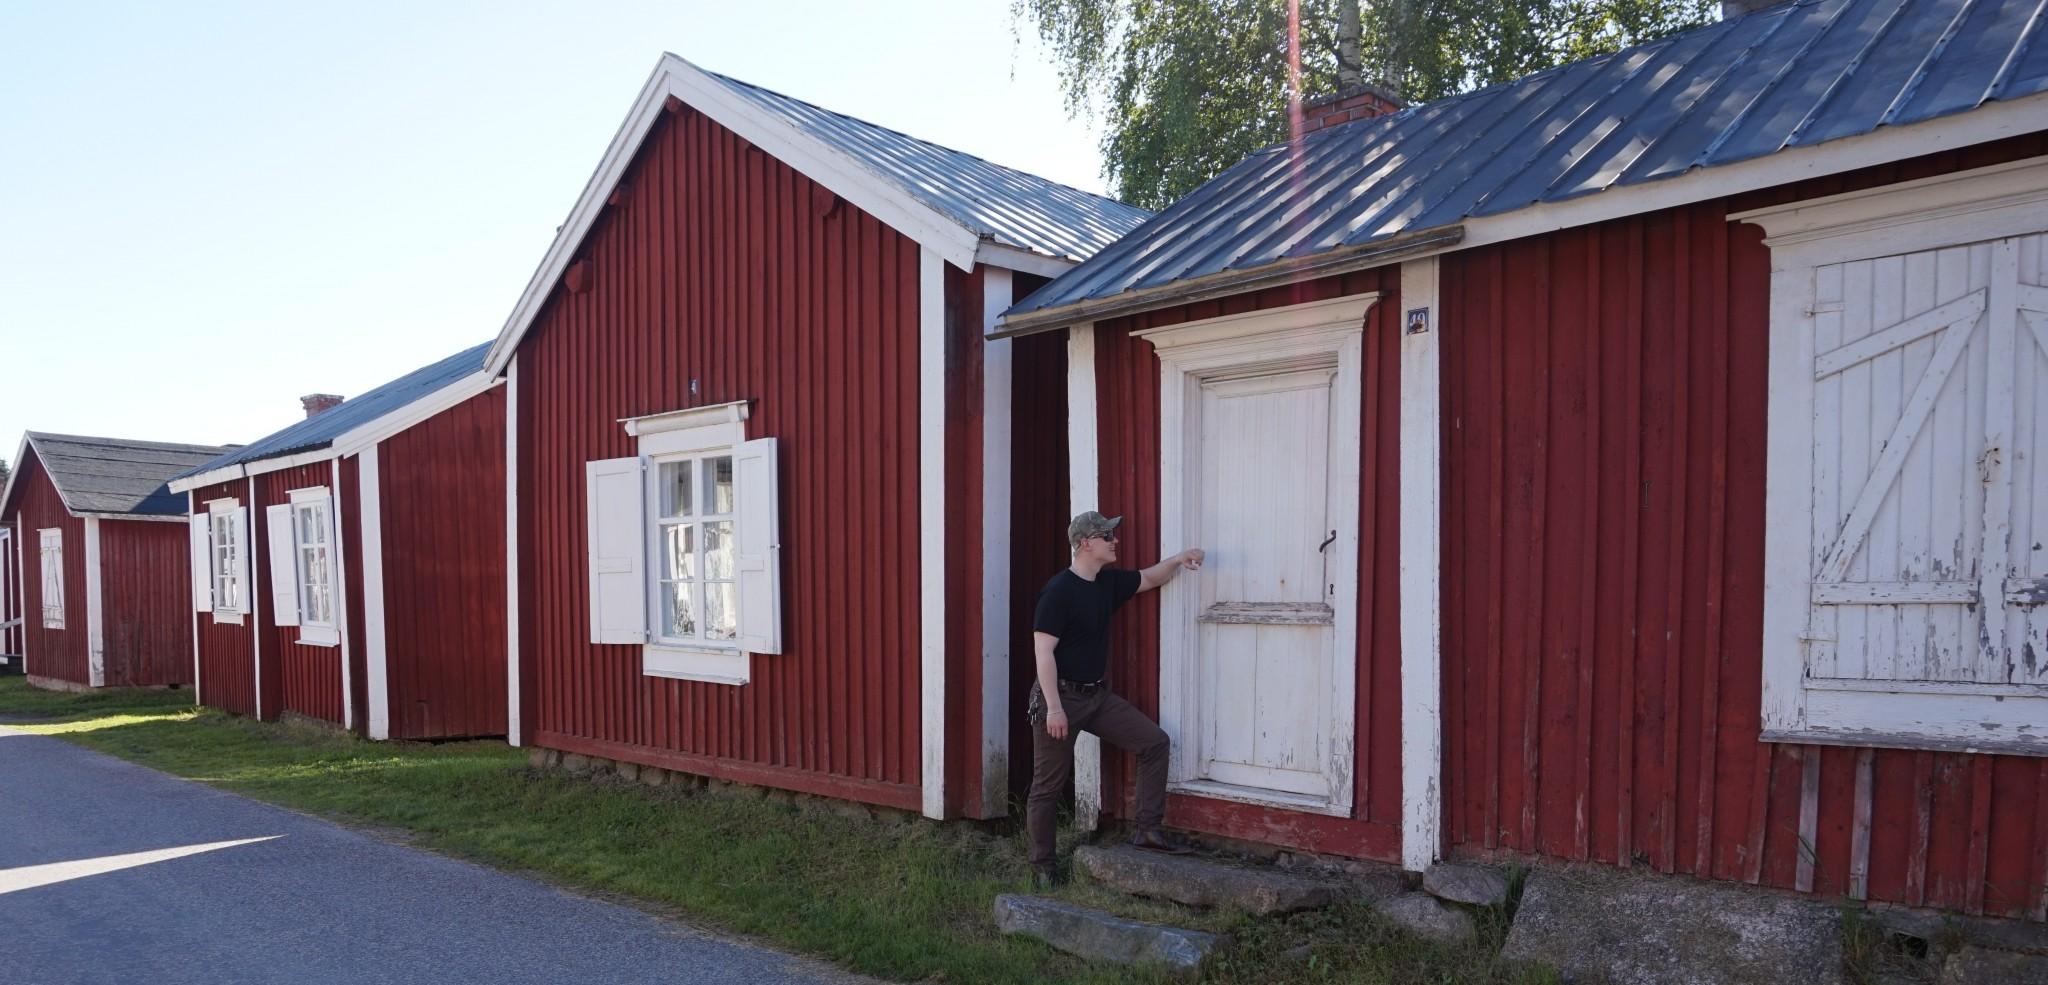 Gammelstad_luulaja_MJT (18)